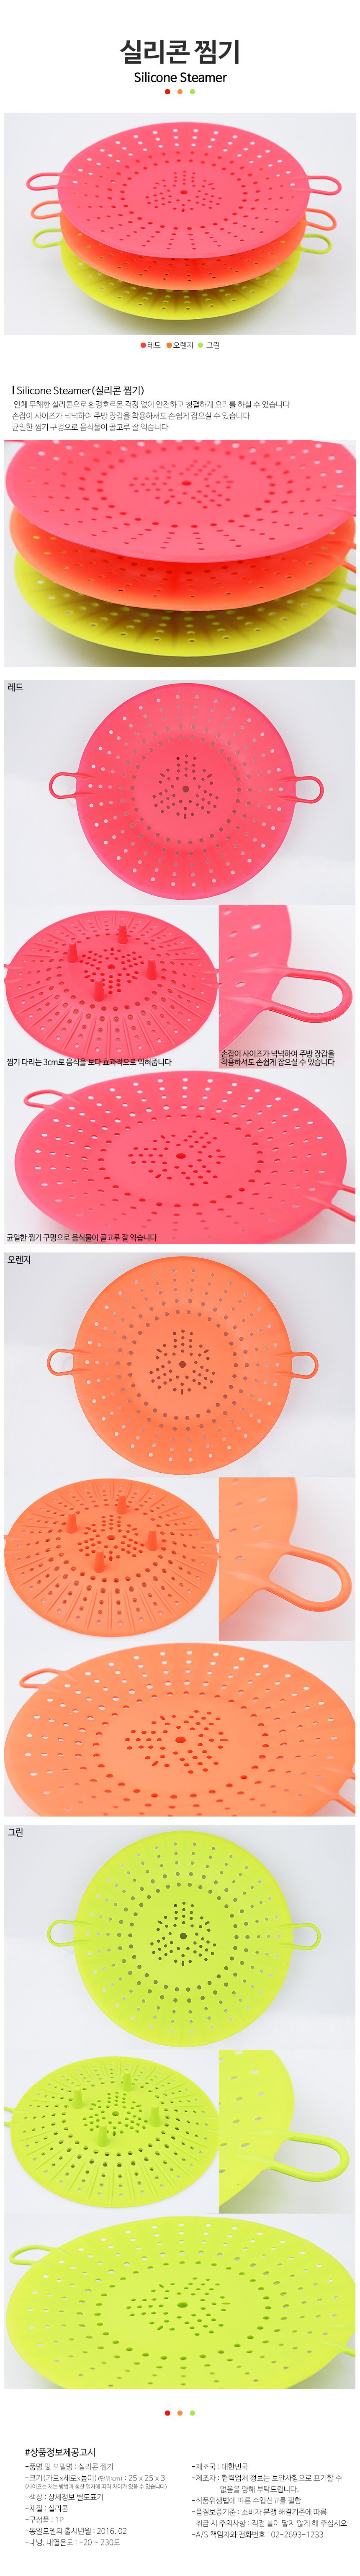 실리콘 찜기 - 로메이키친5, 11,700원, 압력솥/찜기, 찜기